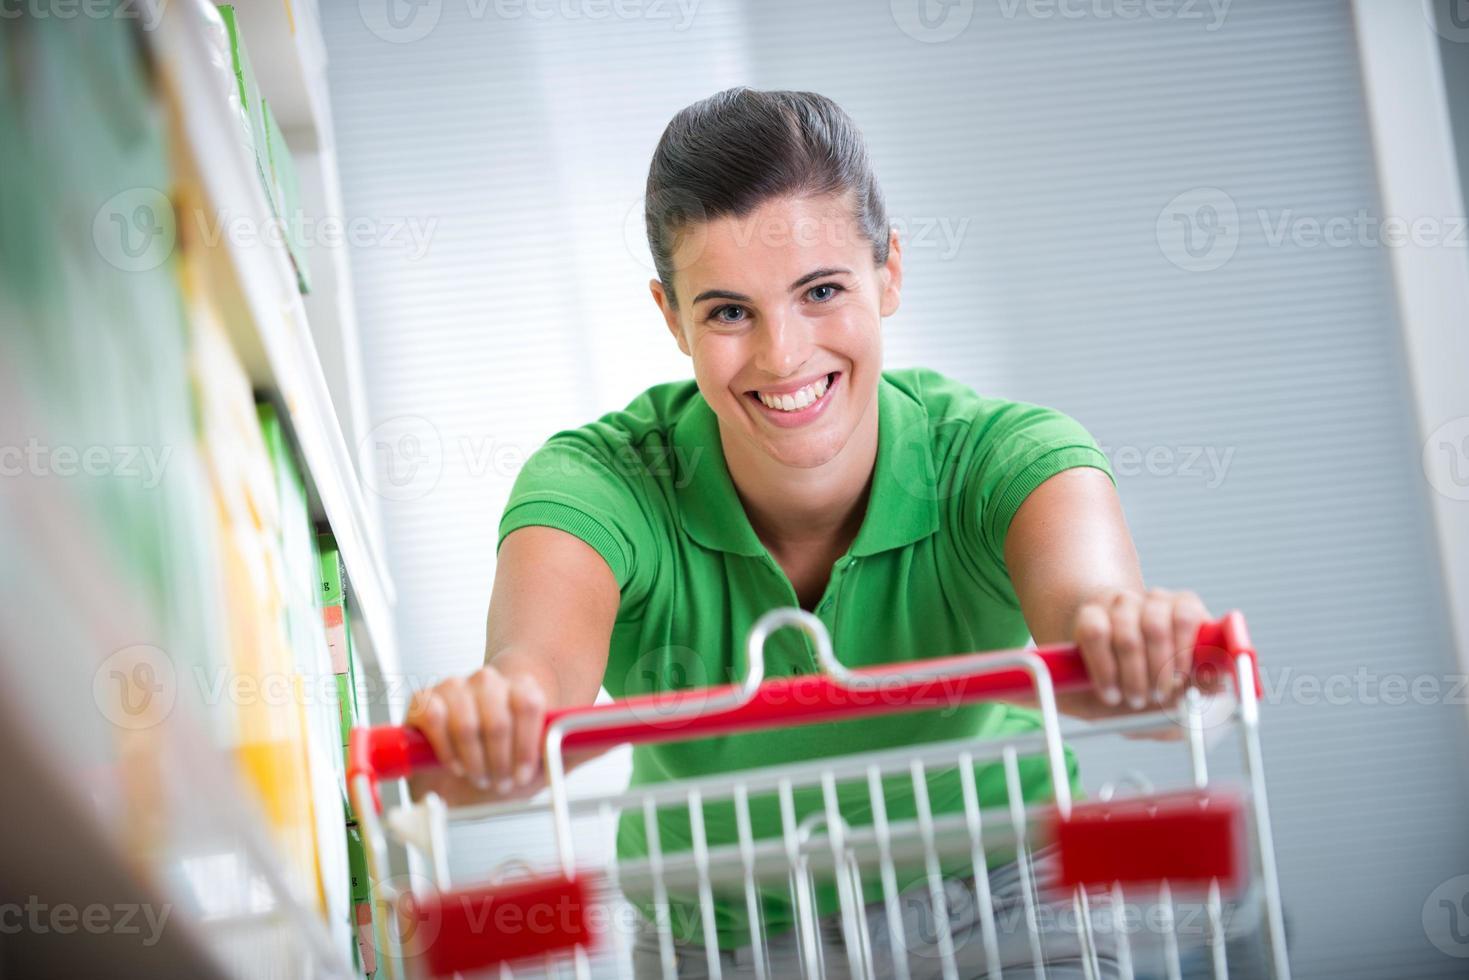 disfrutando de las compras en el supermercado foto